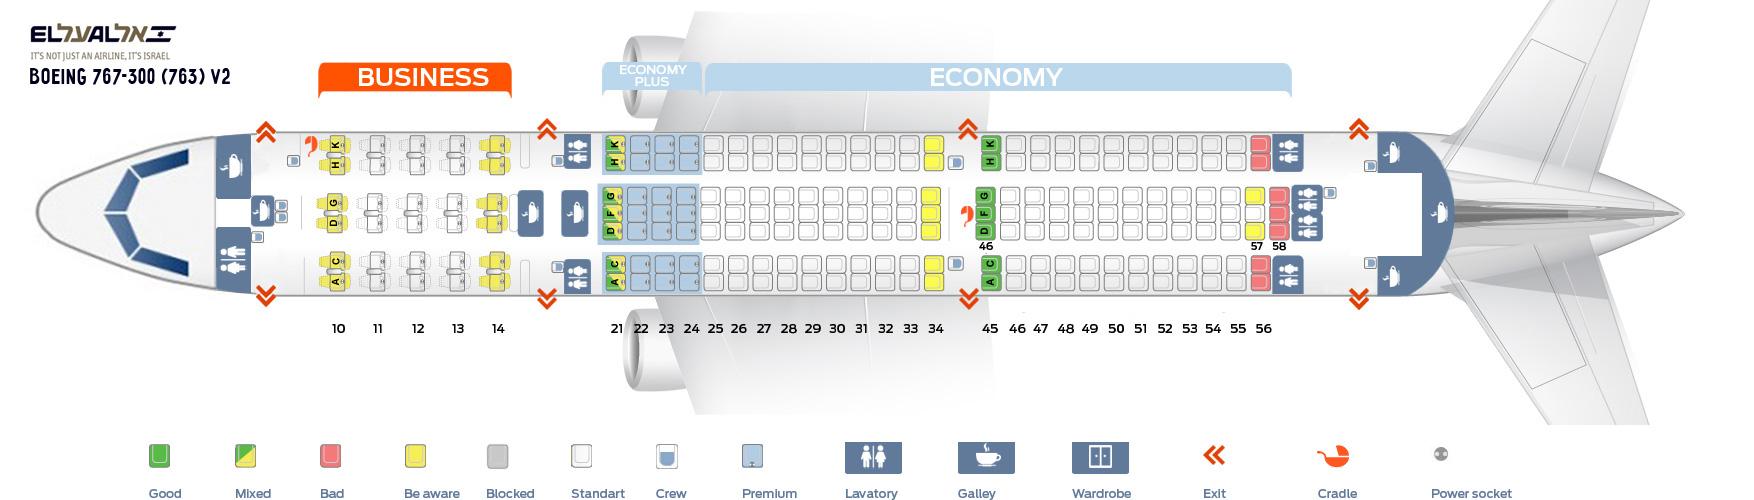 Seat Map Boeing 767-300 (763) V2 EL AL